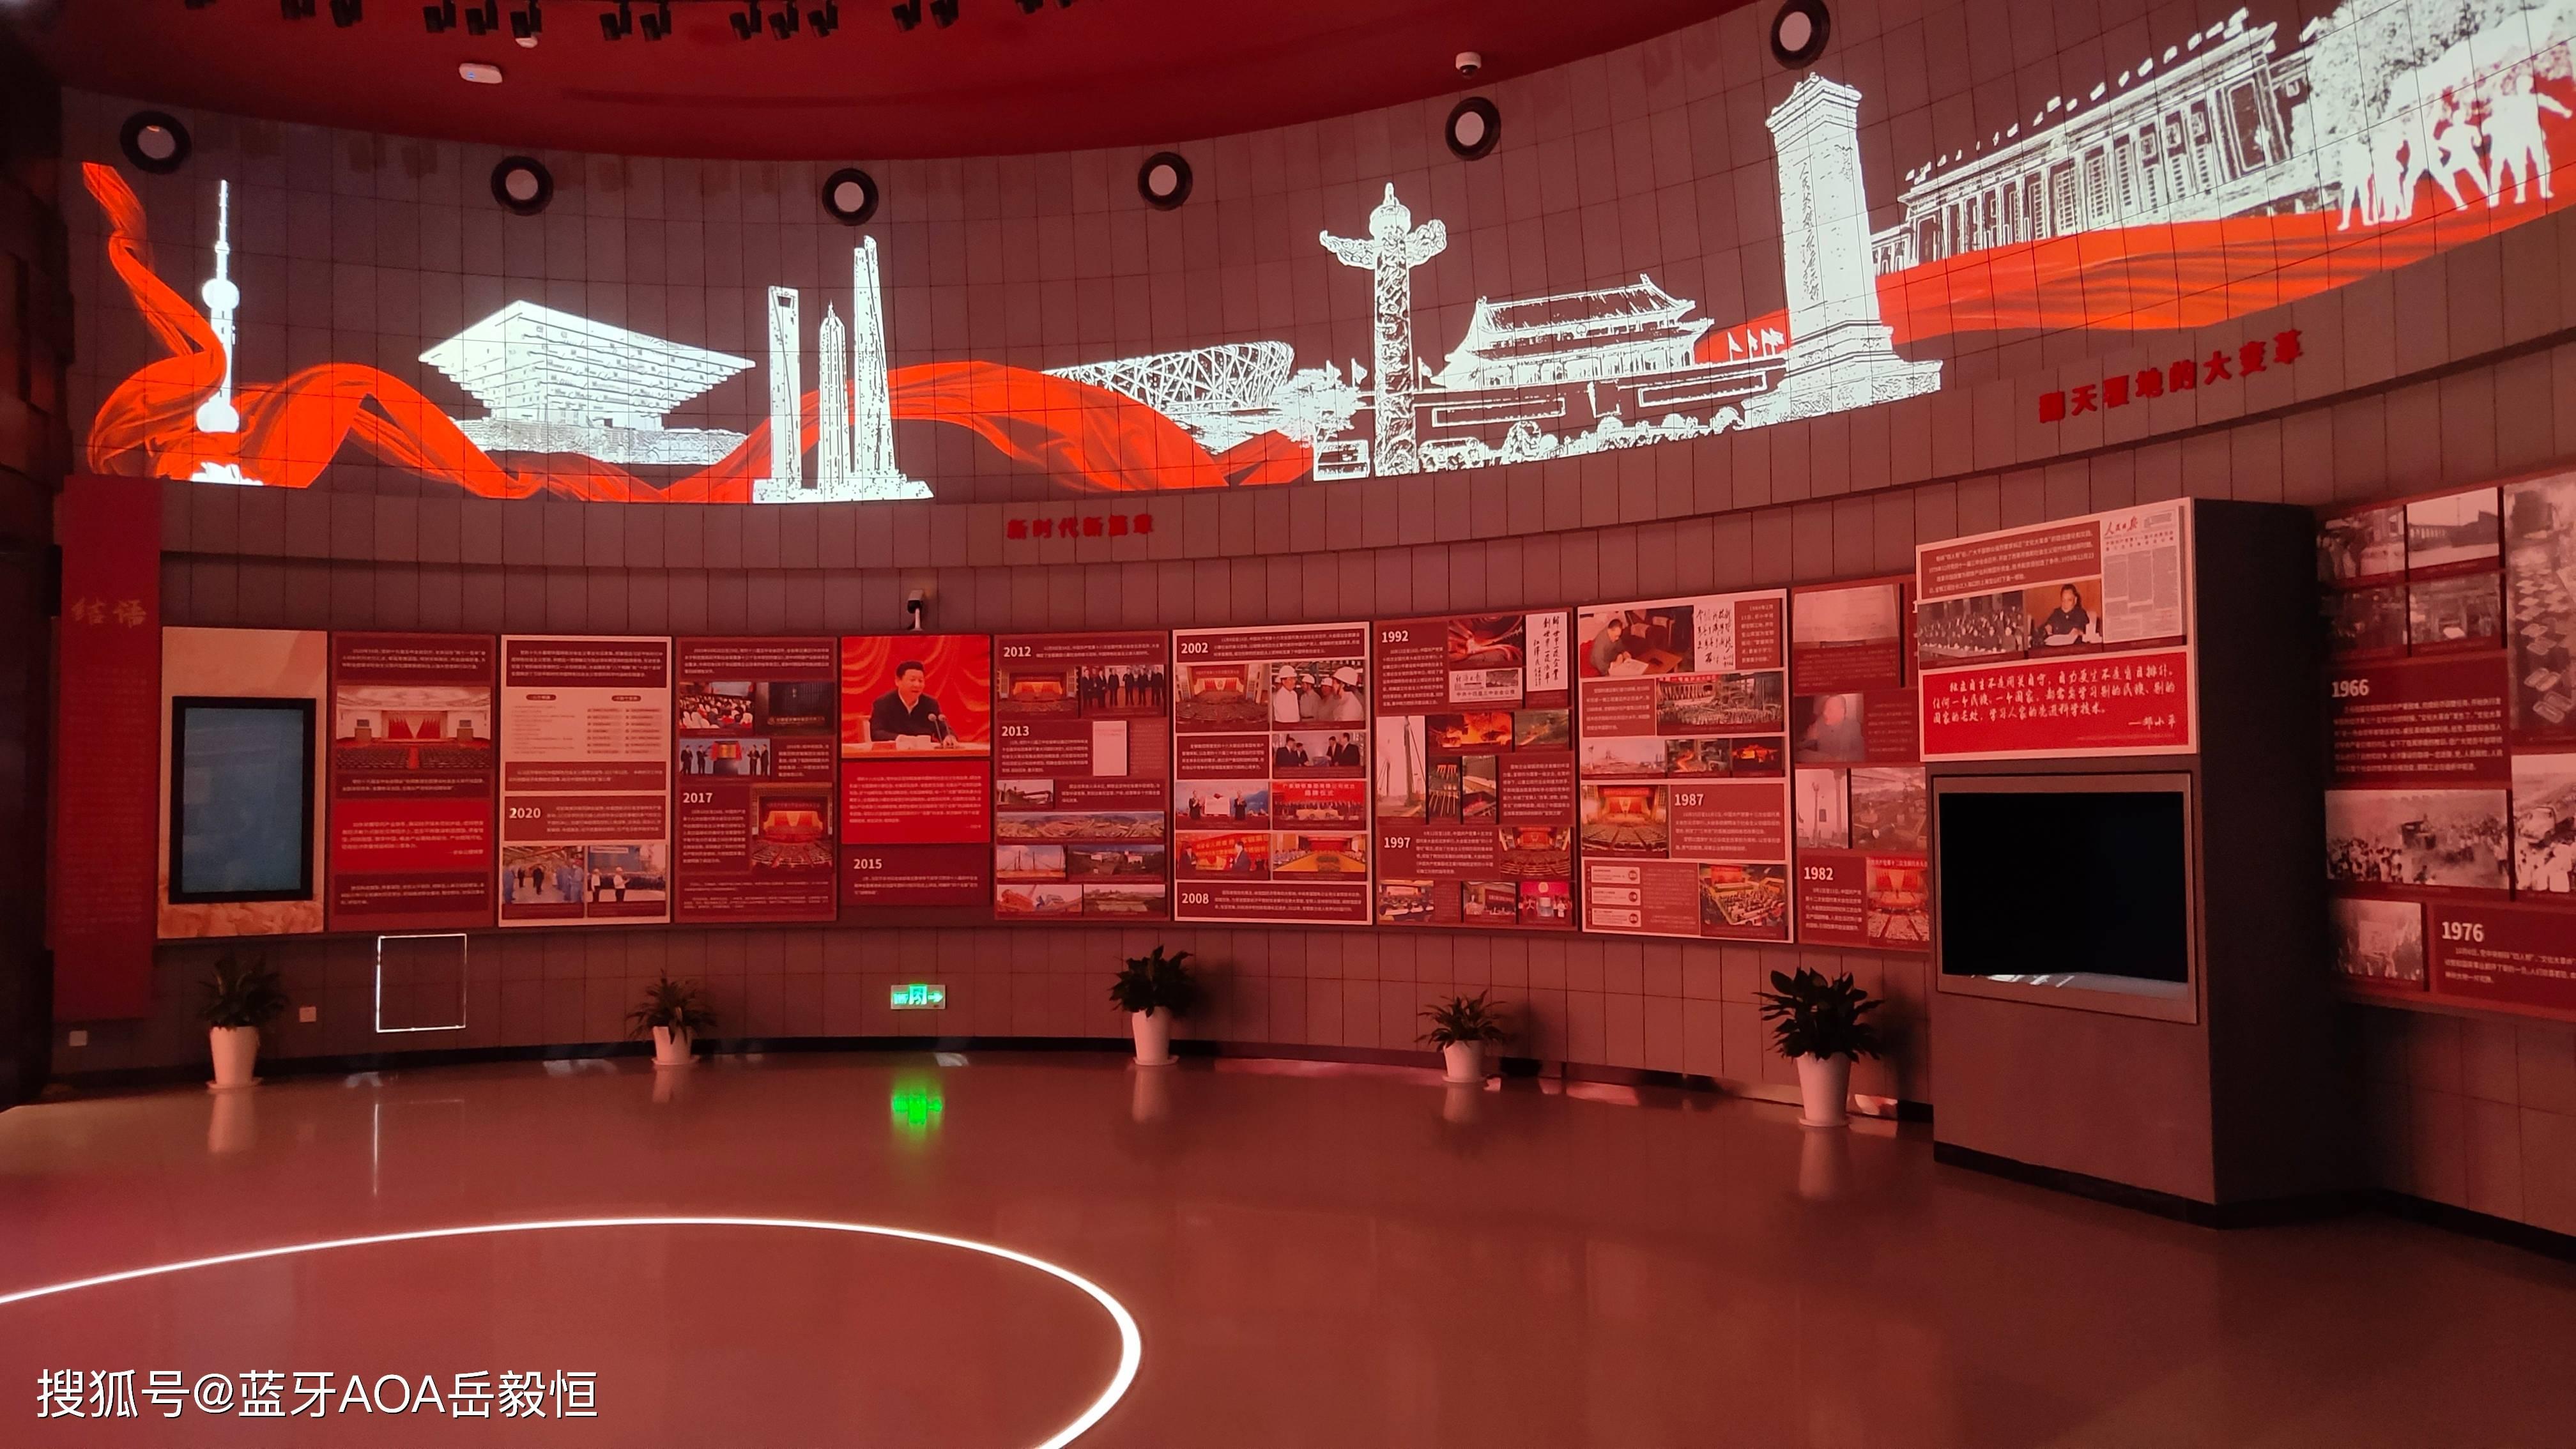 博物馆展览馆应用蓝牙AOA高精度定位基站实现定位导航导览的真实商用案例介绍